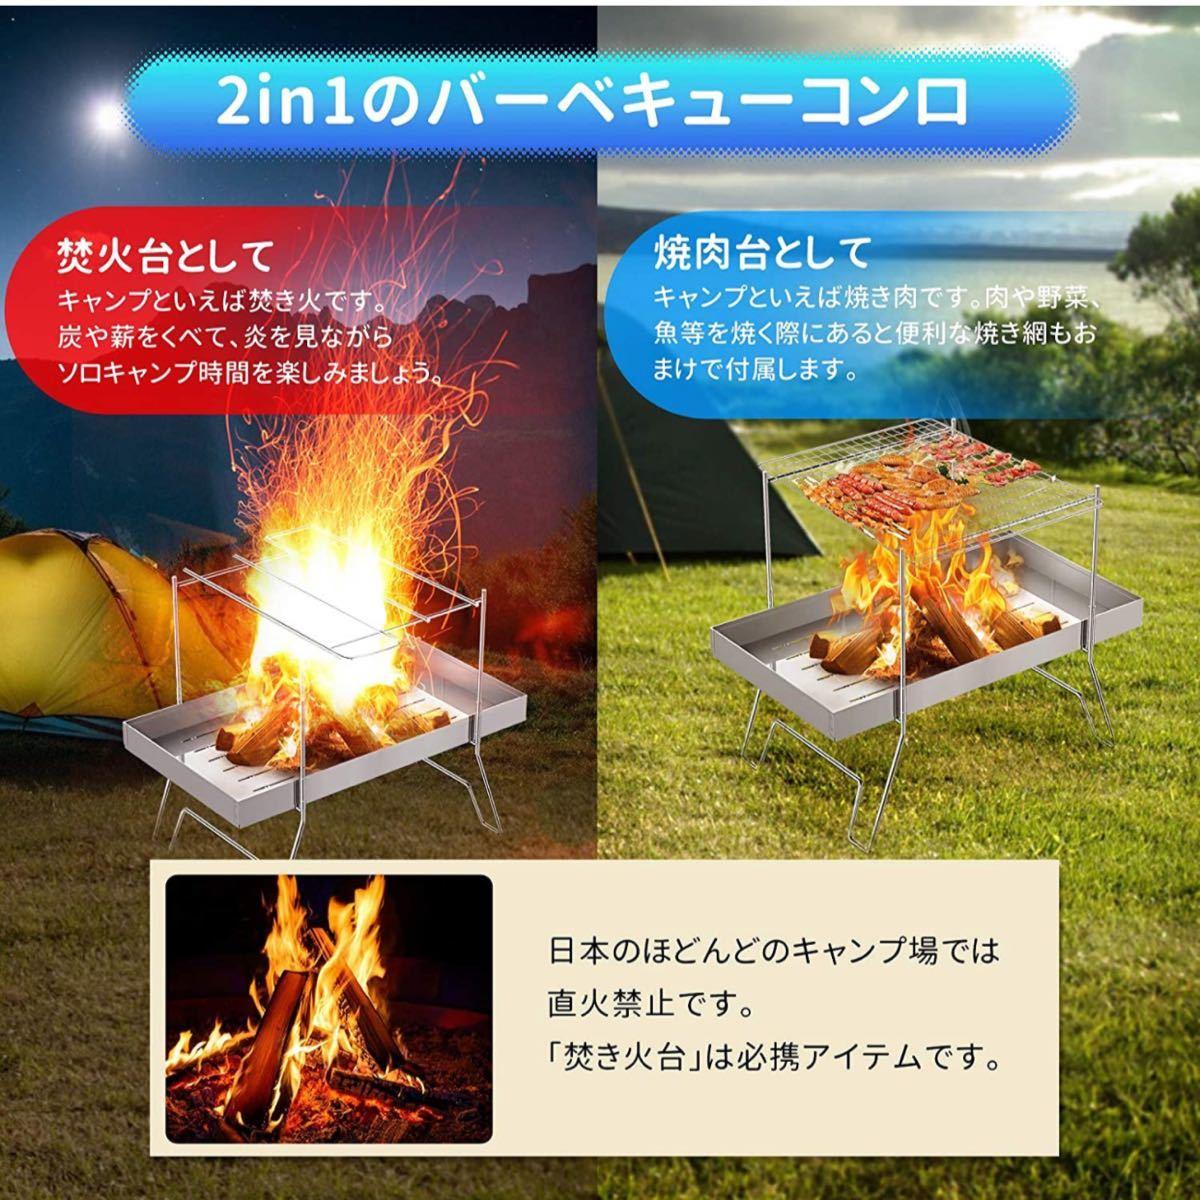 【2021最新版】焚き火台 1台2役 バーベキューコンロ 携帯便利 折り畳み式 焚火台 軽量 キャンプ用品 ステンレス鋼